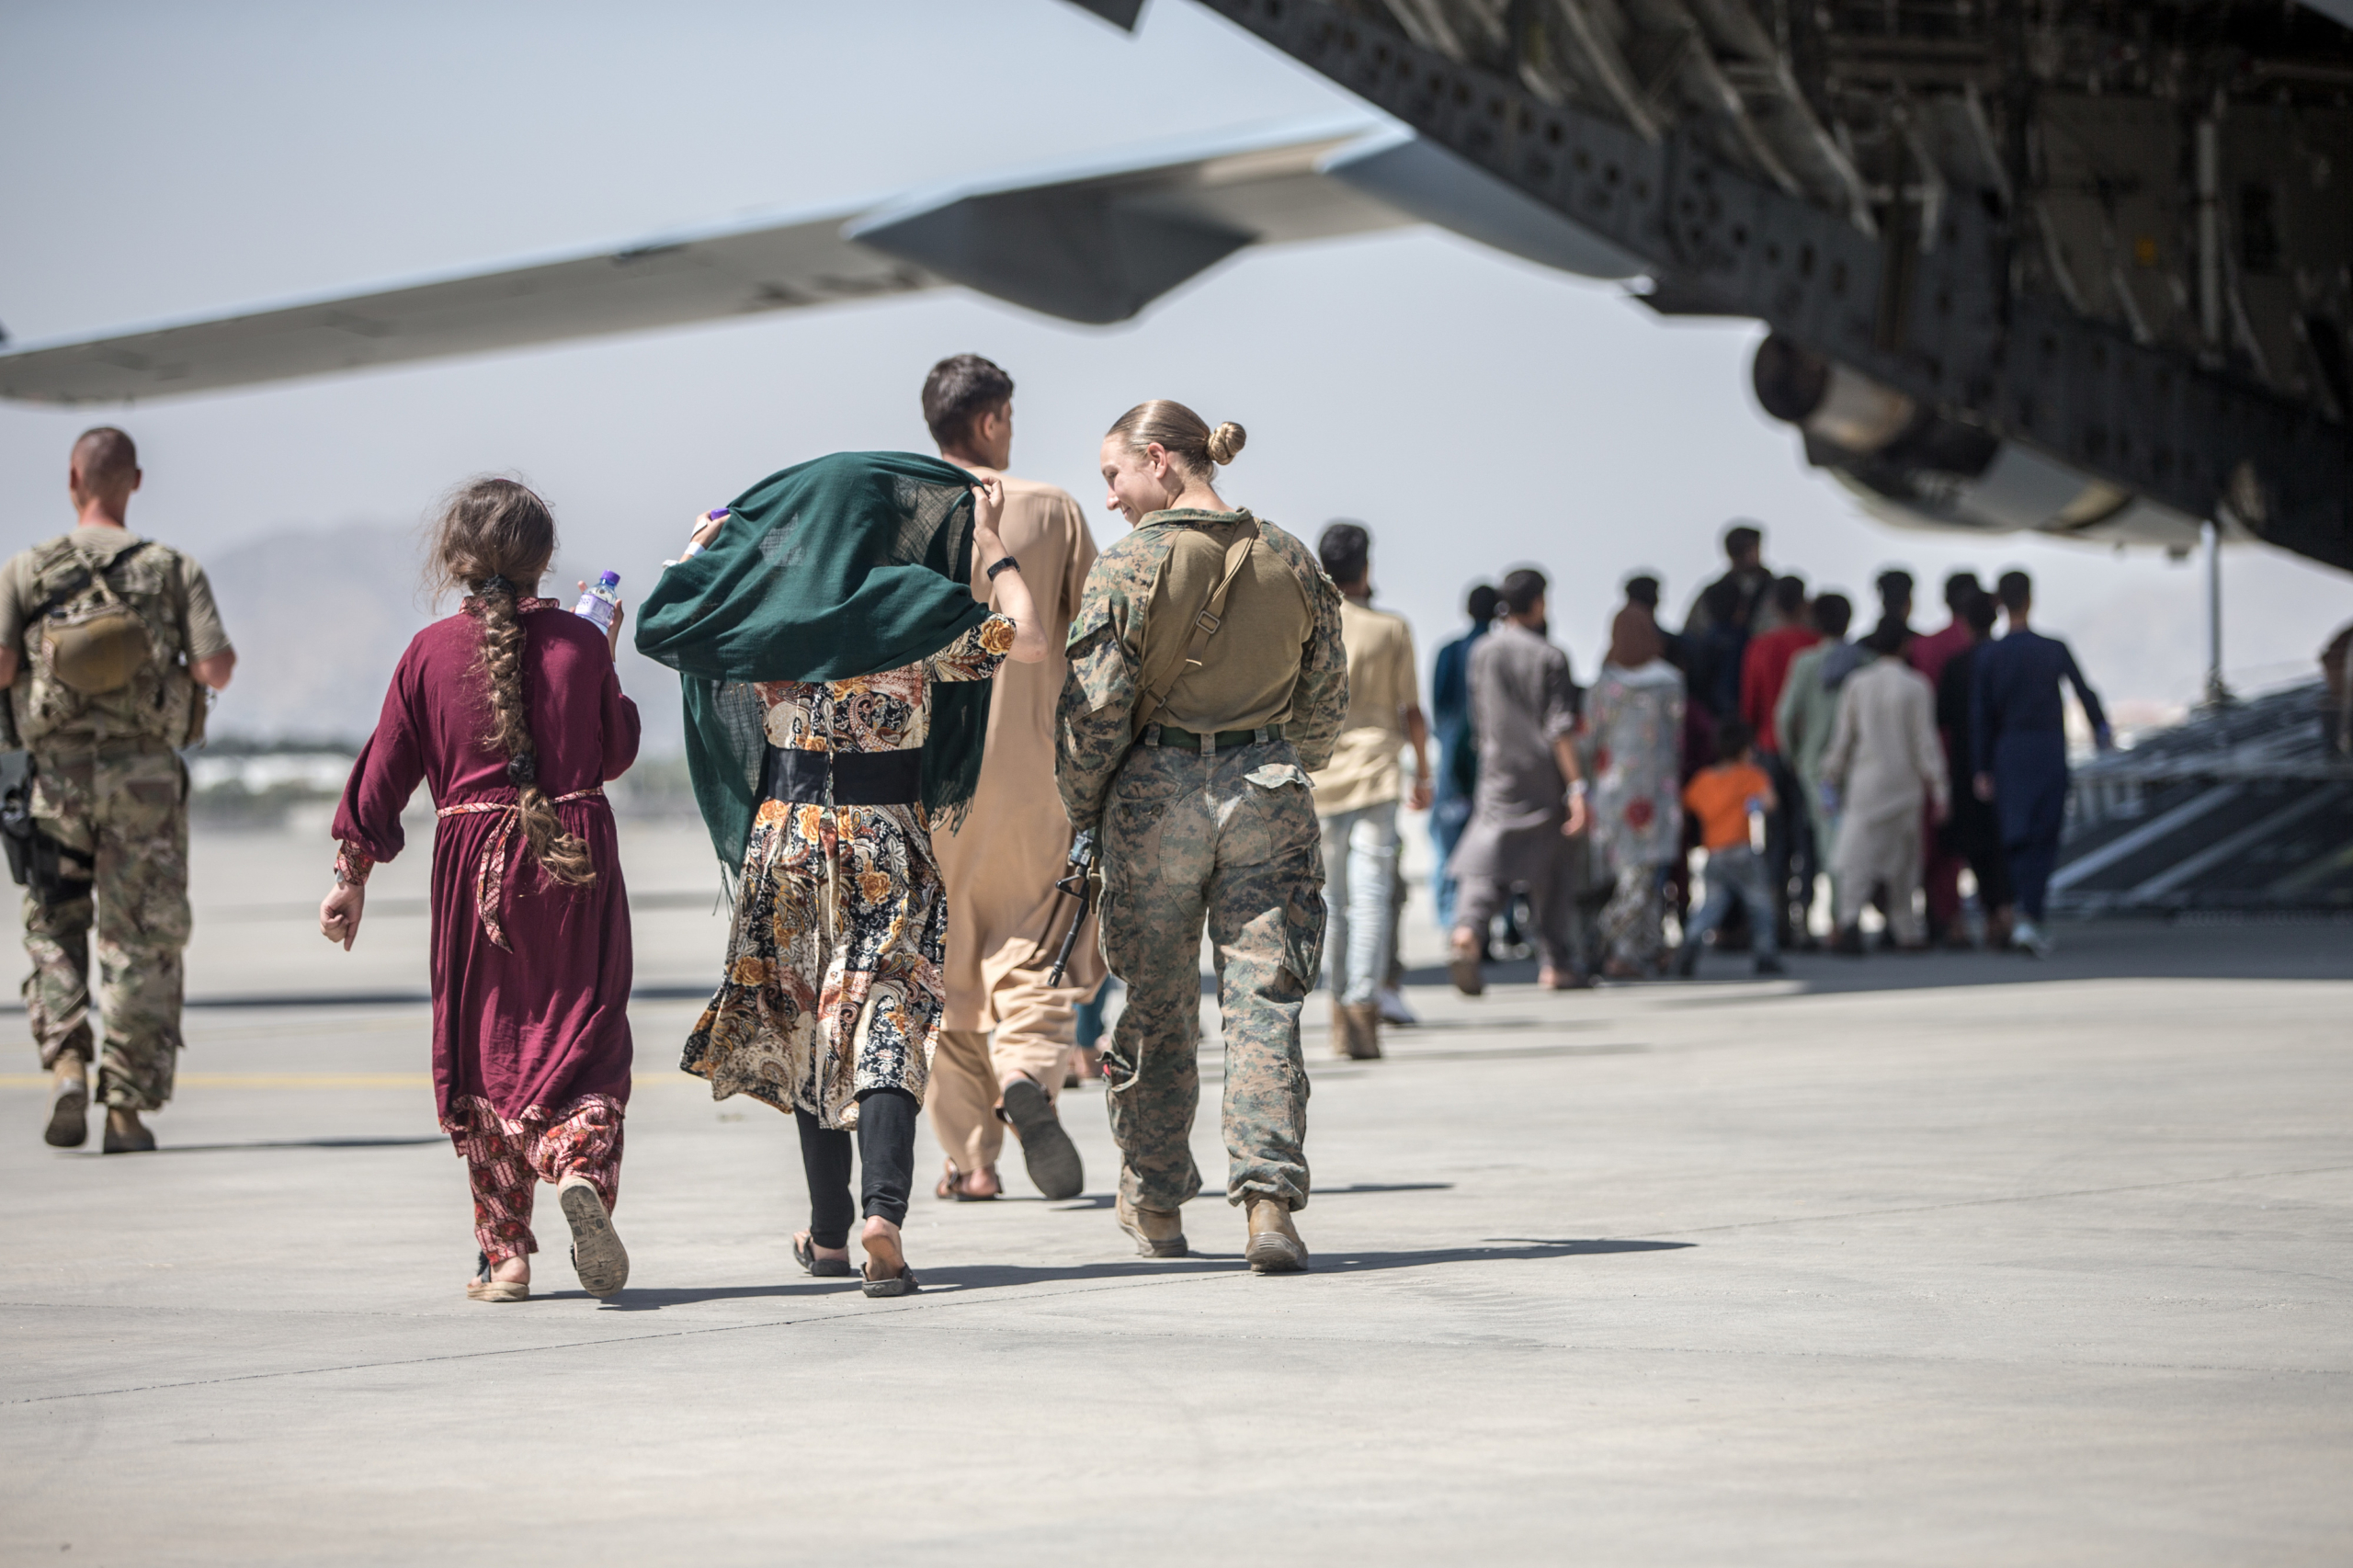 Un marí dels Estats Units escorta nens afganesos durant una evacuació a l'aeroport de Kabul / Europa Press